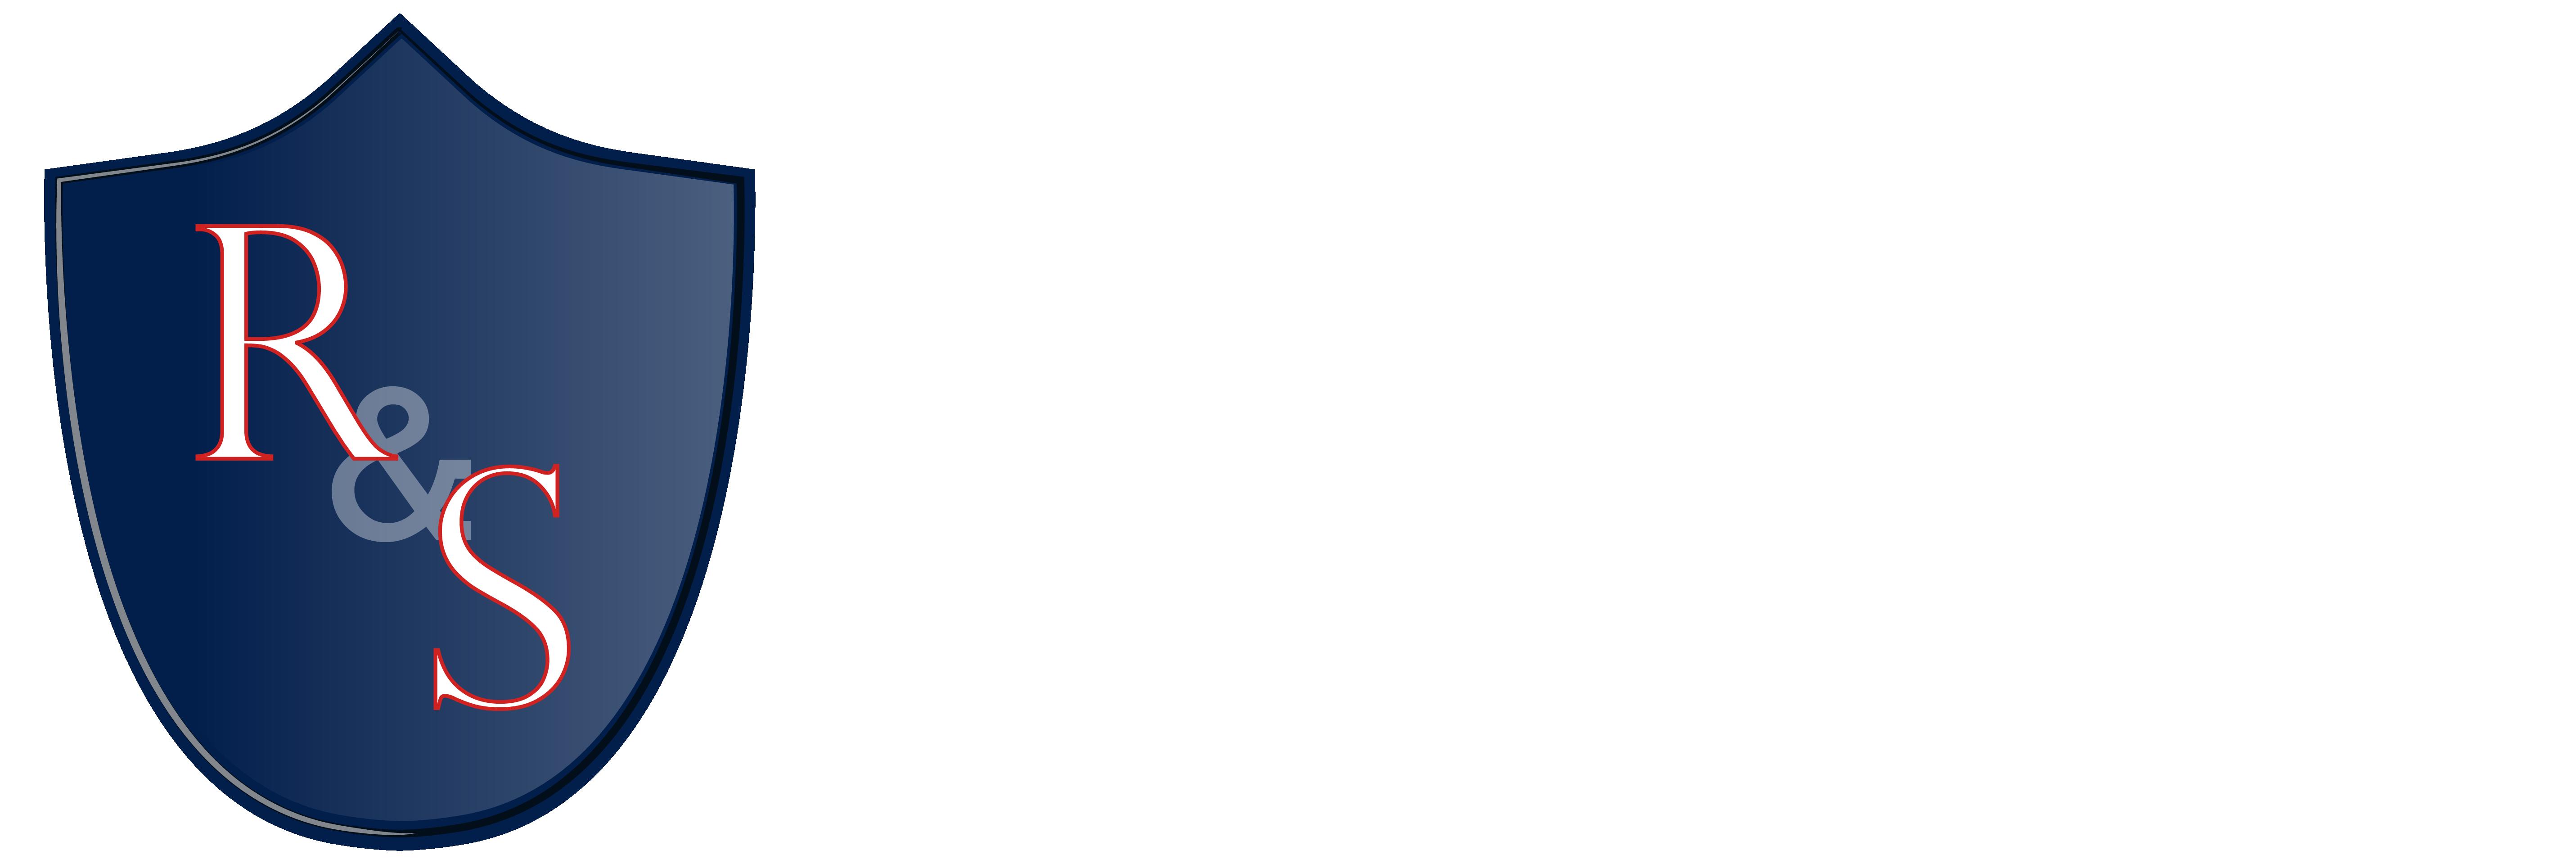 R & S Insurance Agency